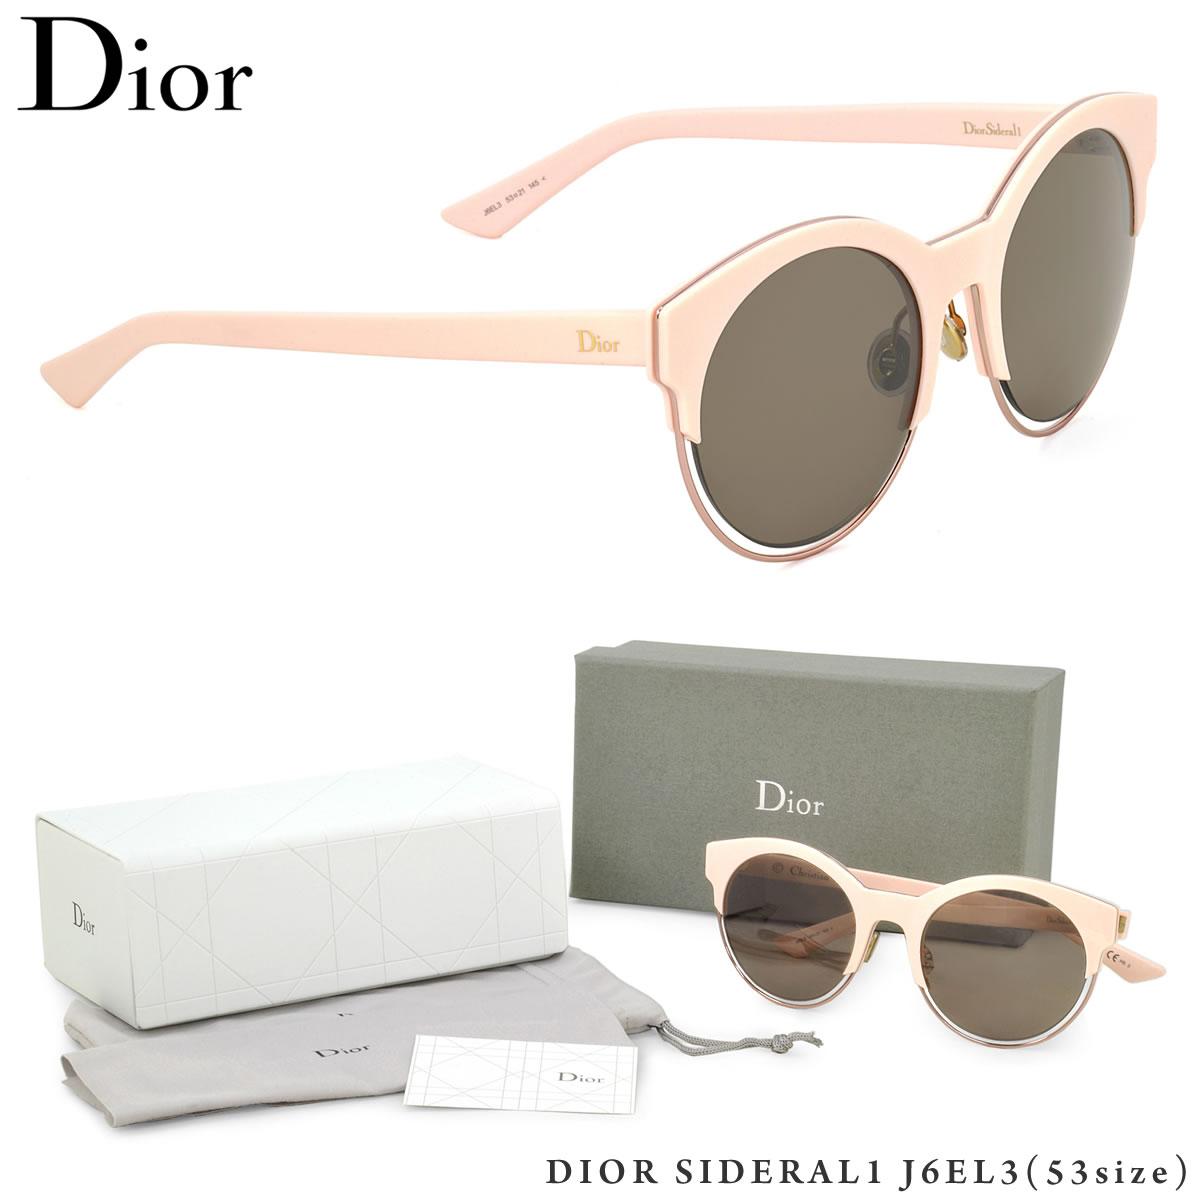 【10月30日からエントリーで全品ポイント20倍】【Dior】 (ディオール) サングラスDIORSIDERAL1 J6EL3 53サイズSIDERAL1 シデラル ラウンド 丸メガネDior レディース